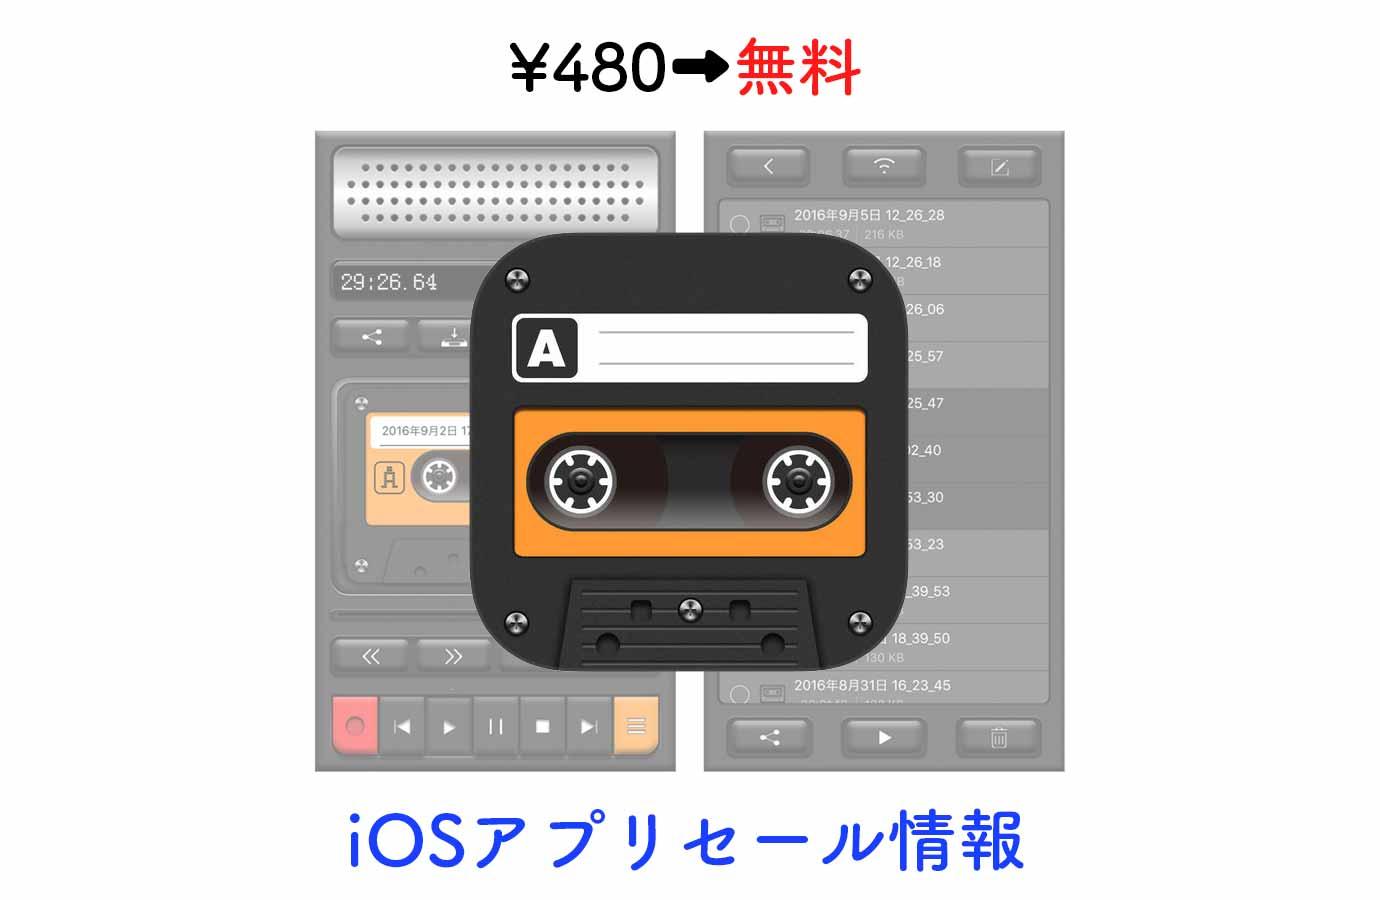 【7/13】¥480→無料、カセットテープデザインのレコーダーアプリ「録音 PRO」など[iOSアプリセール情報]